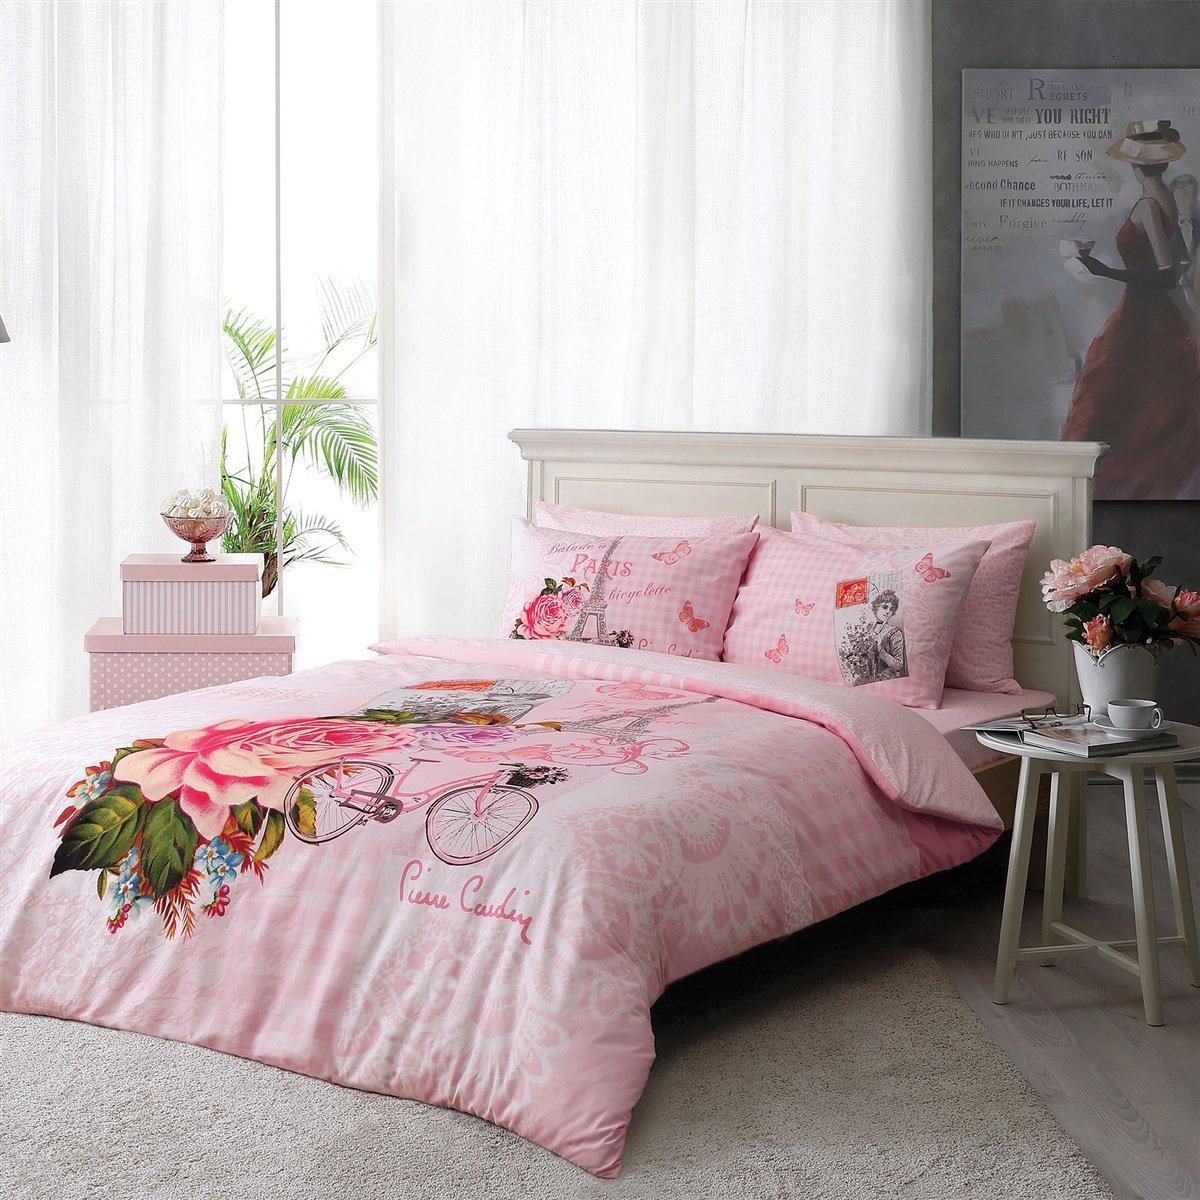 Pierre Cardin 100% Cotton 5pcs Full Size Comforter Set Vintage Paris Pink Floral Elegant Vintage Set